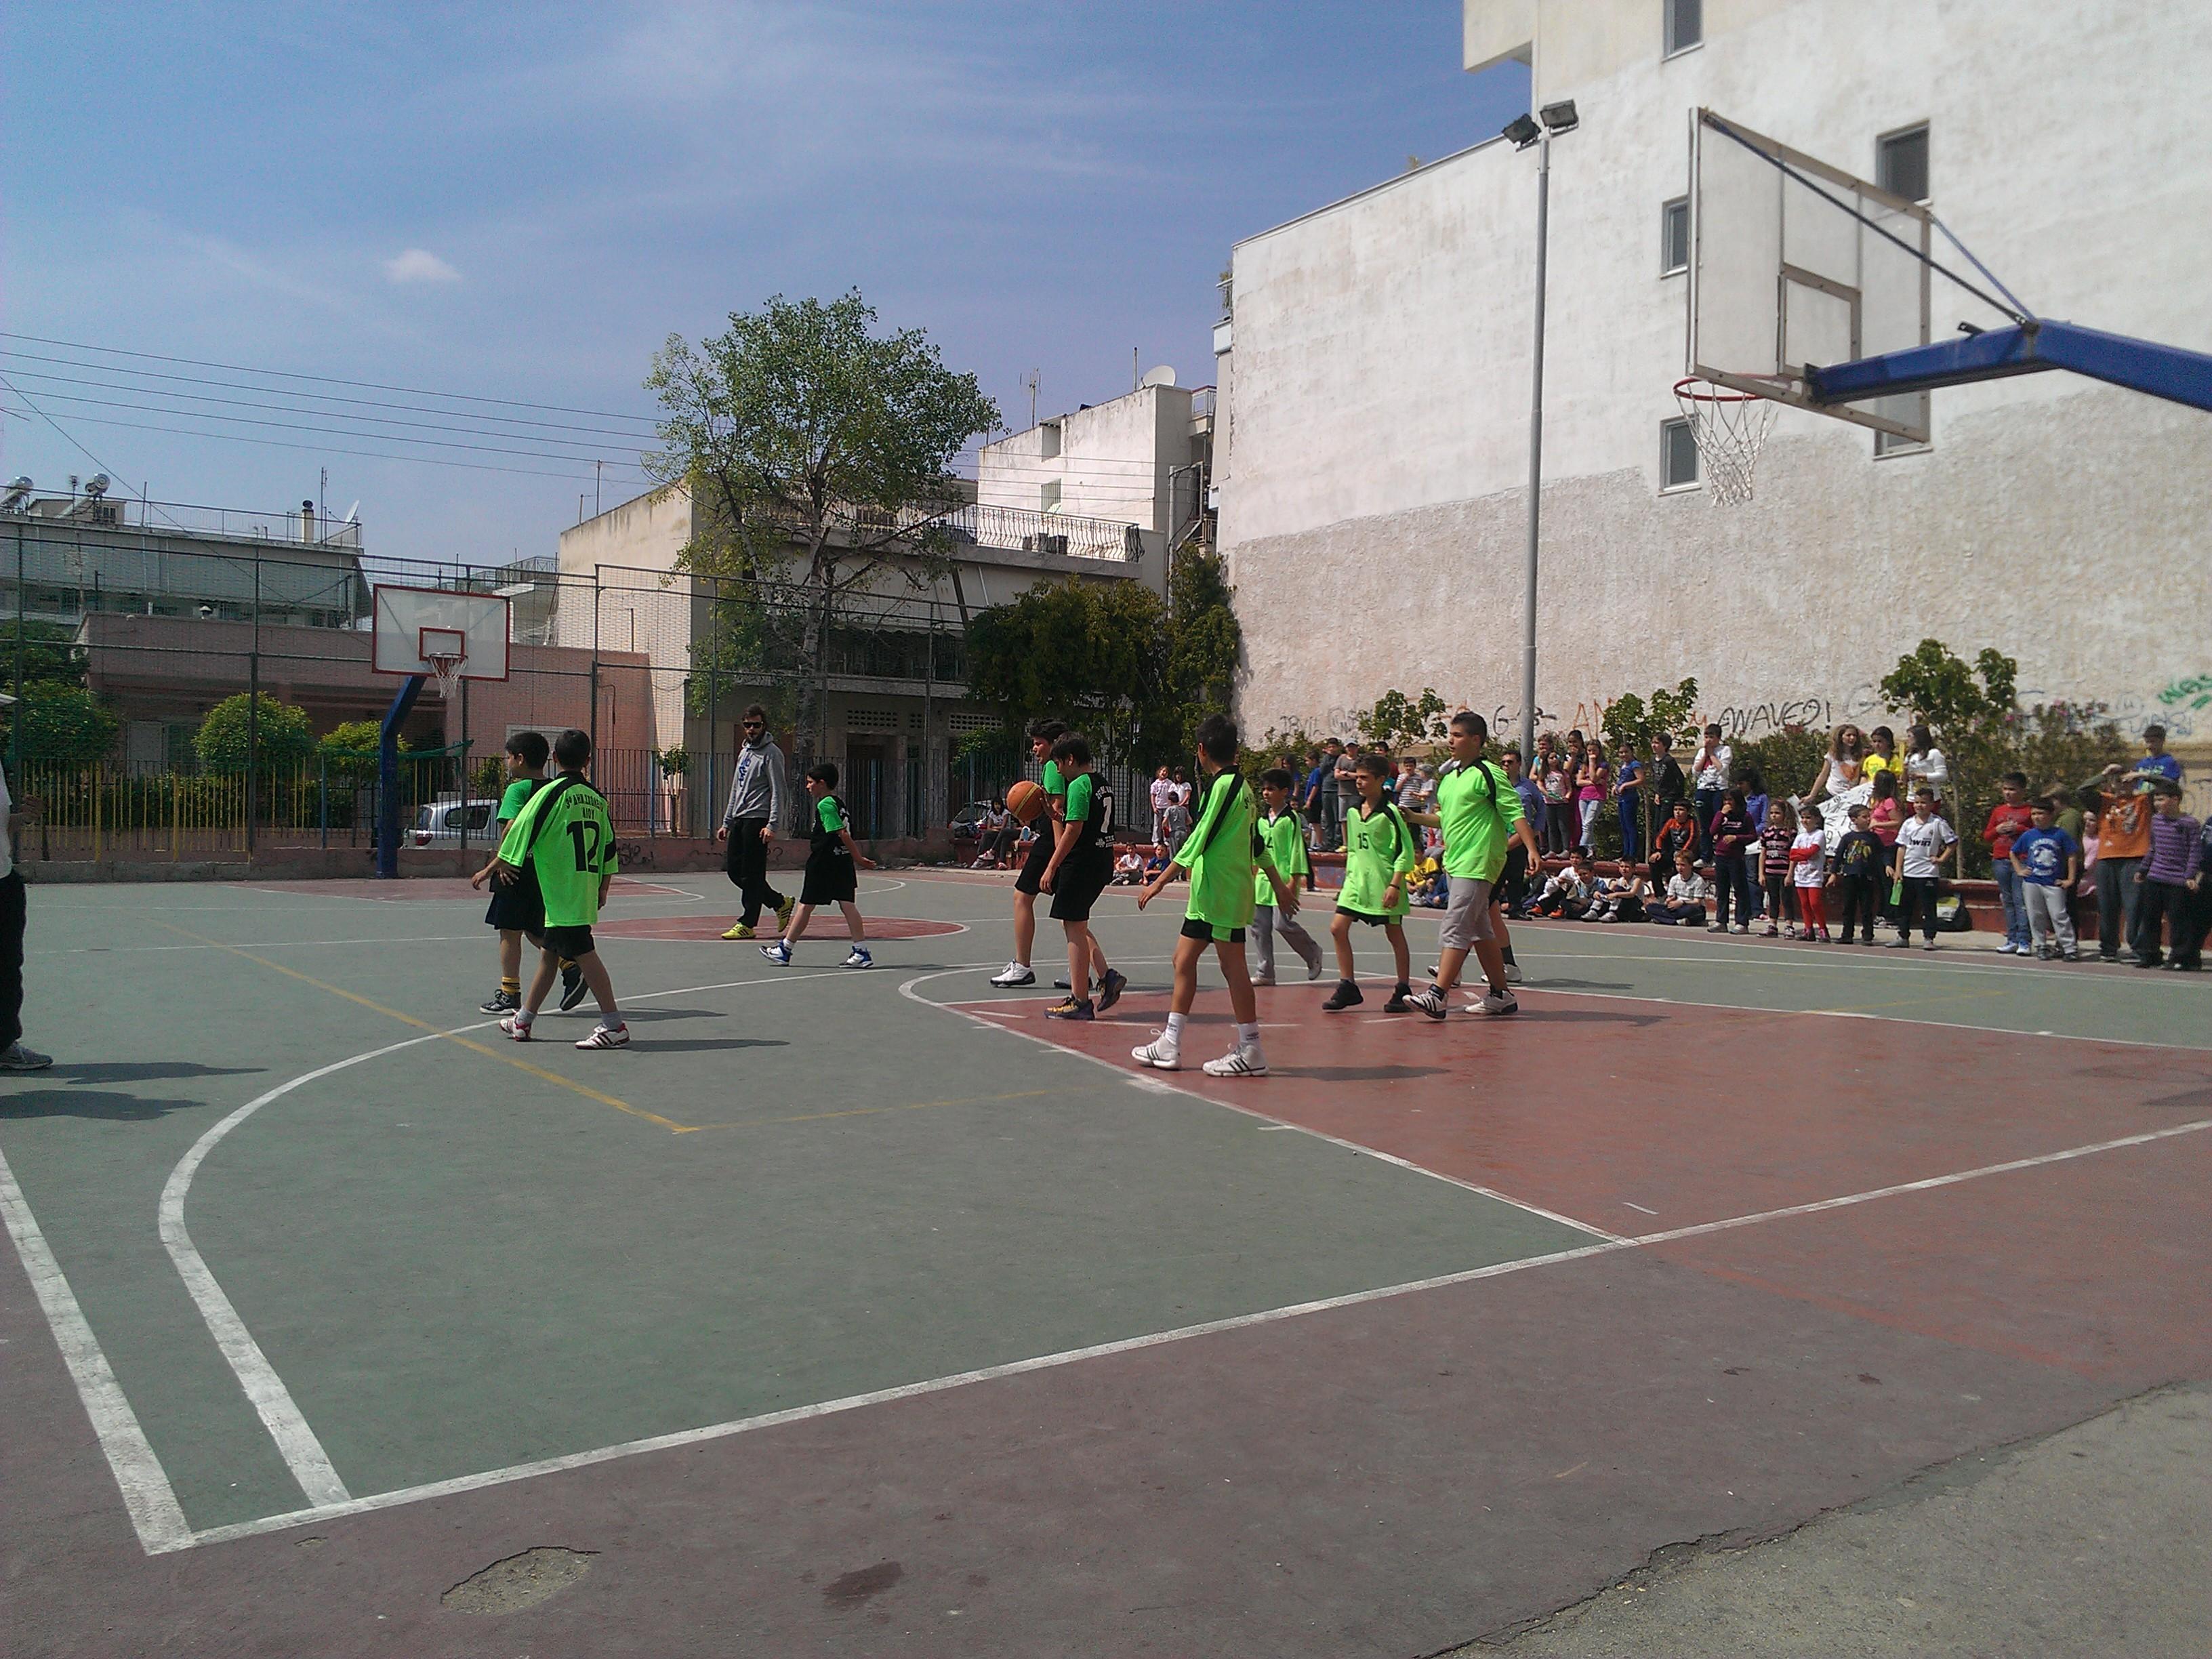 Γρεβενά: Αγώνες ΄΄ΑθλοΠΑΙΔΕΙΑΣ΄΄  Δημοτικών σχολείων στην Καλαθοσφαίριση